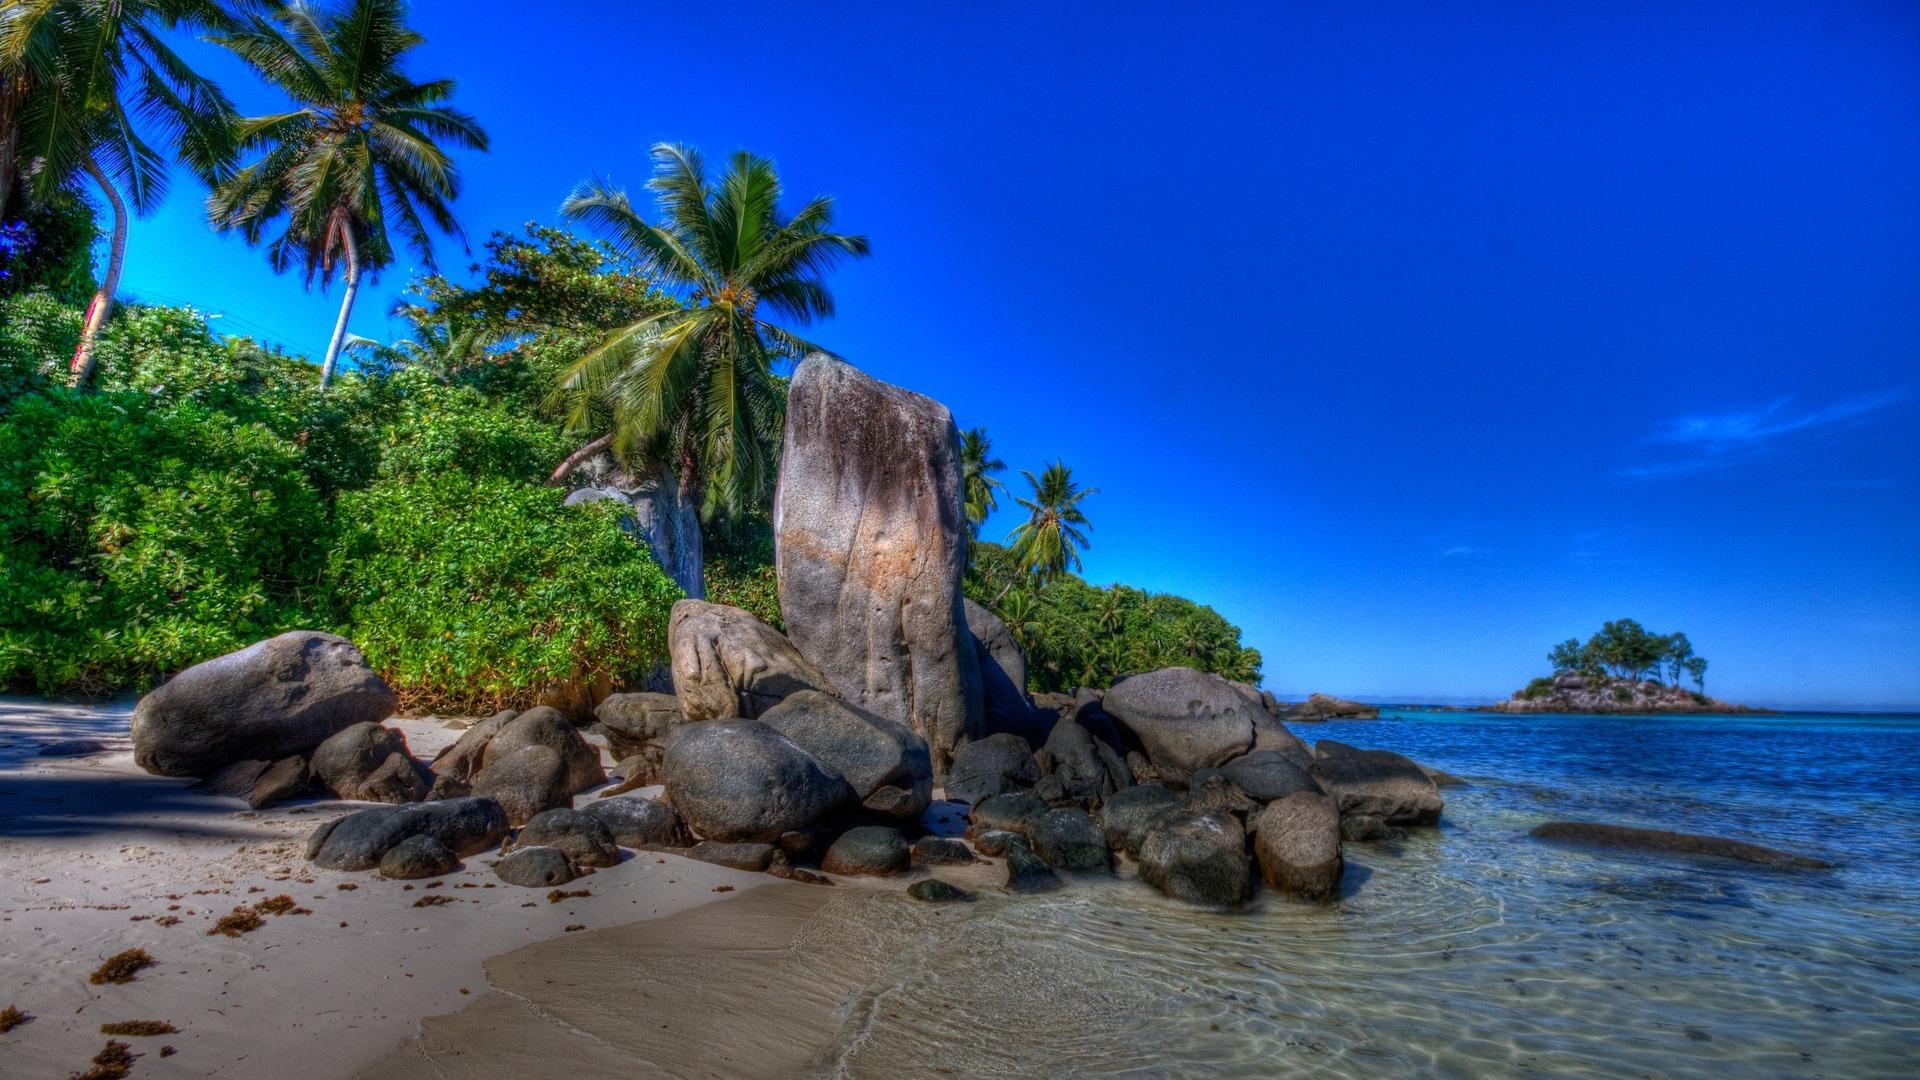 природа пляж берег море деревья подборки